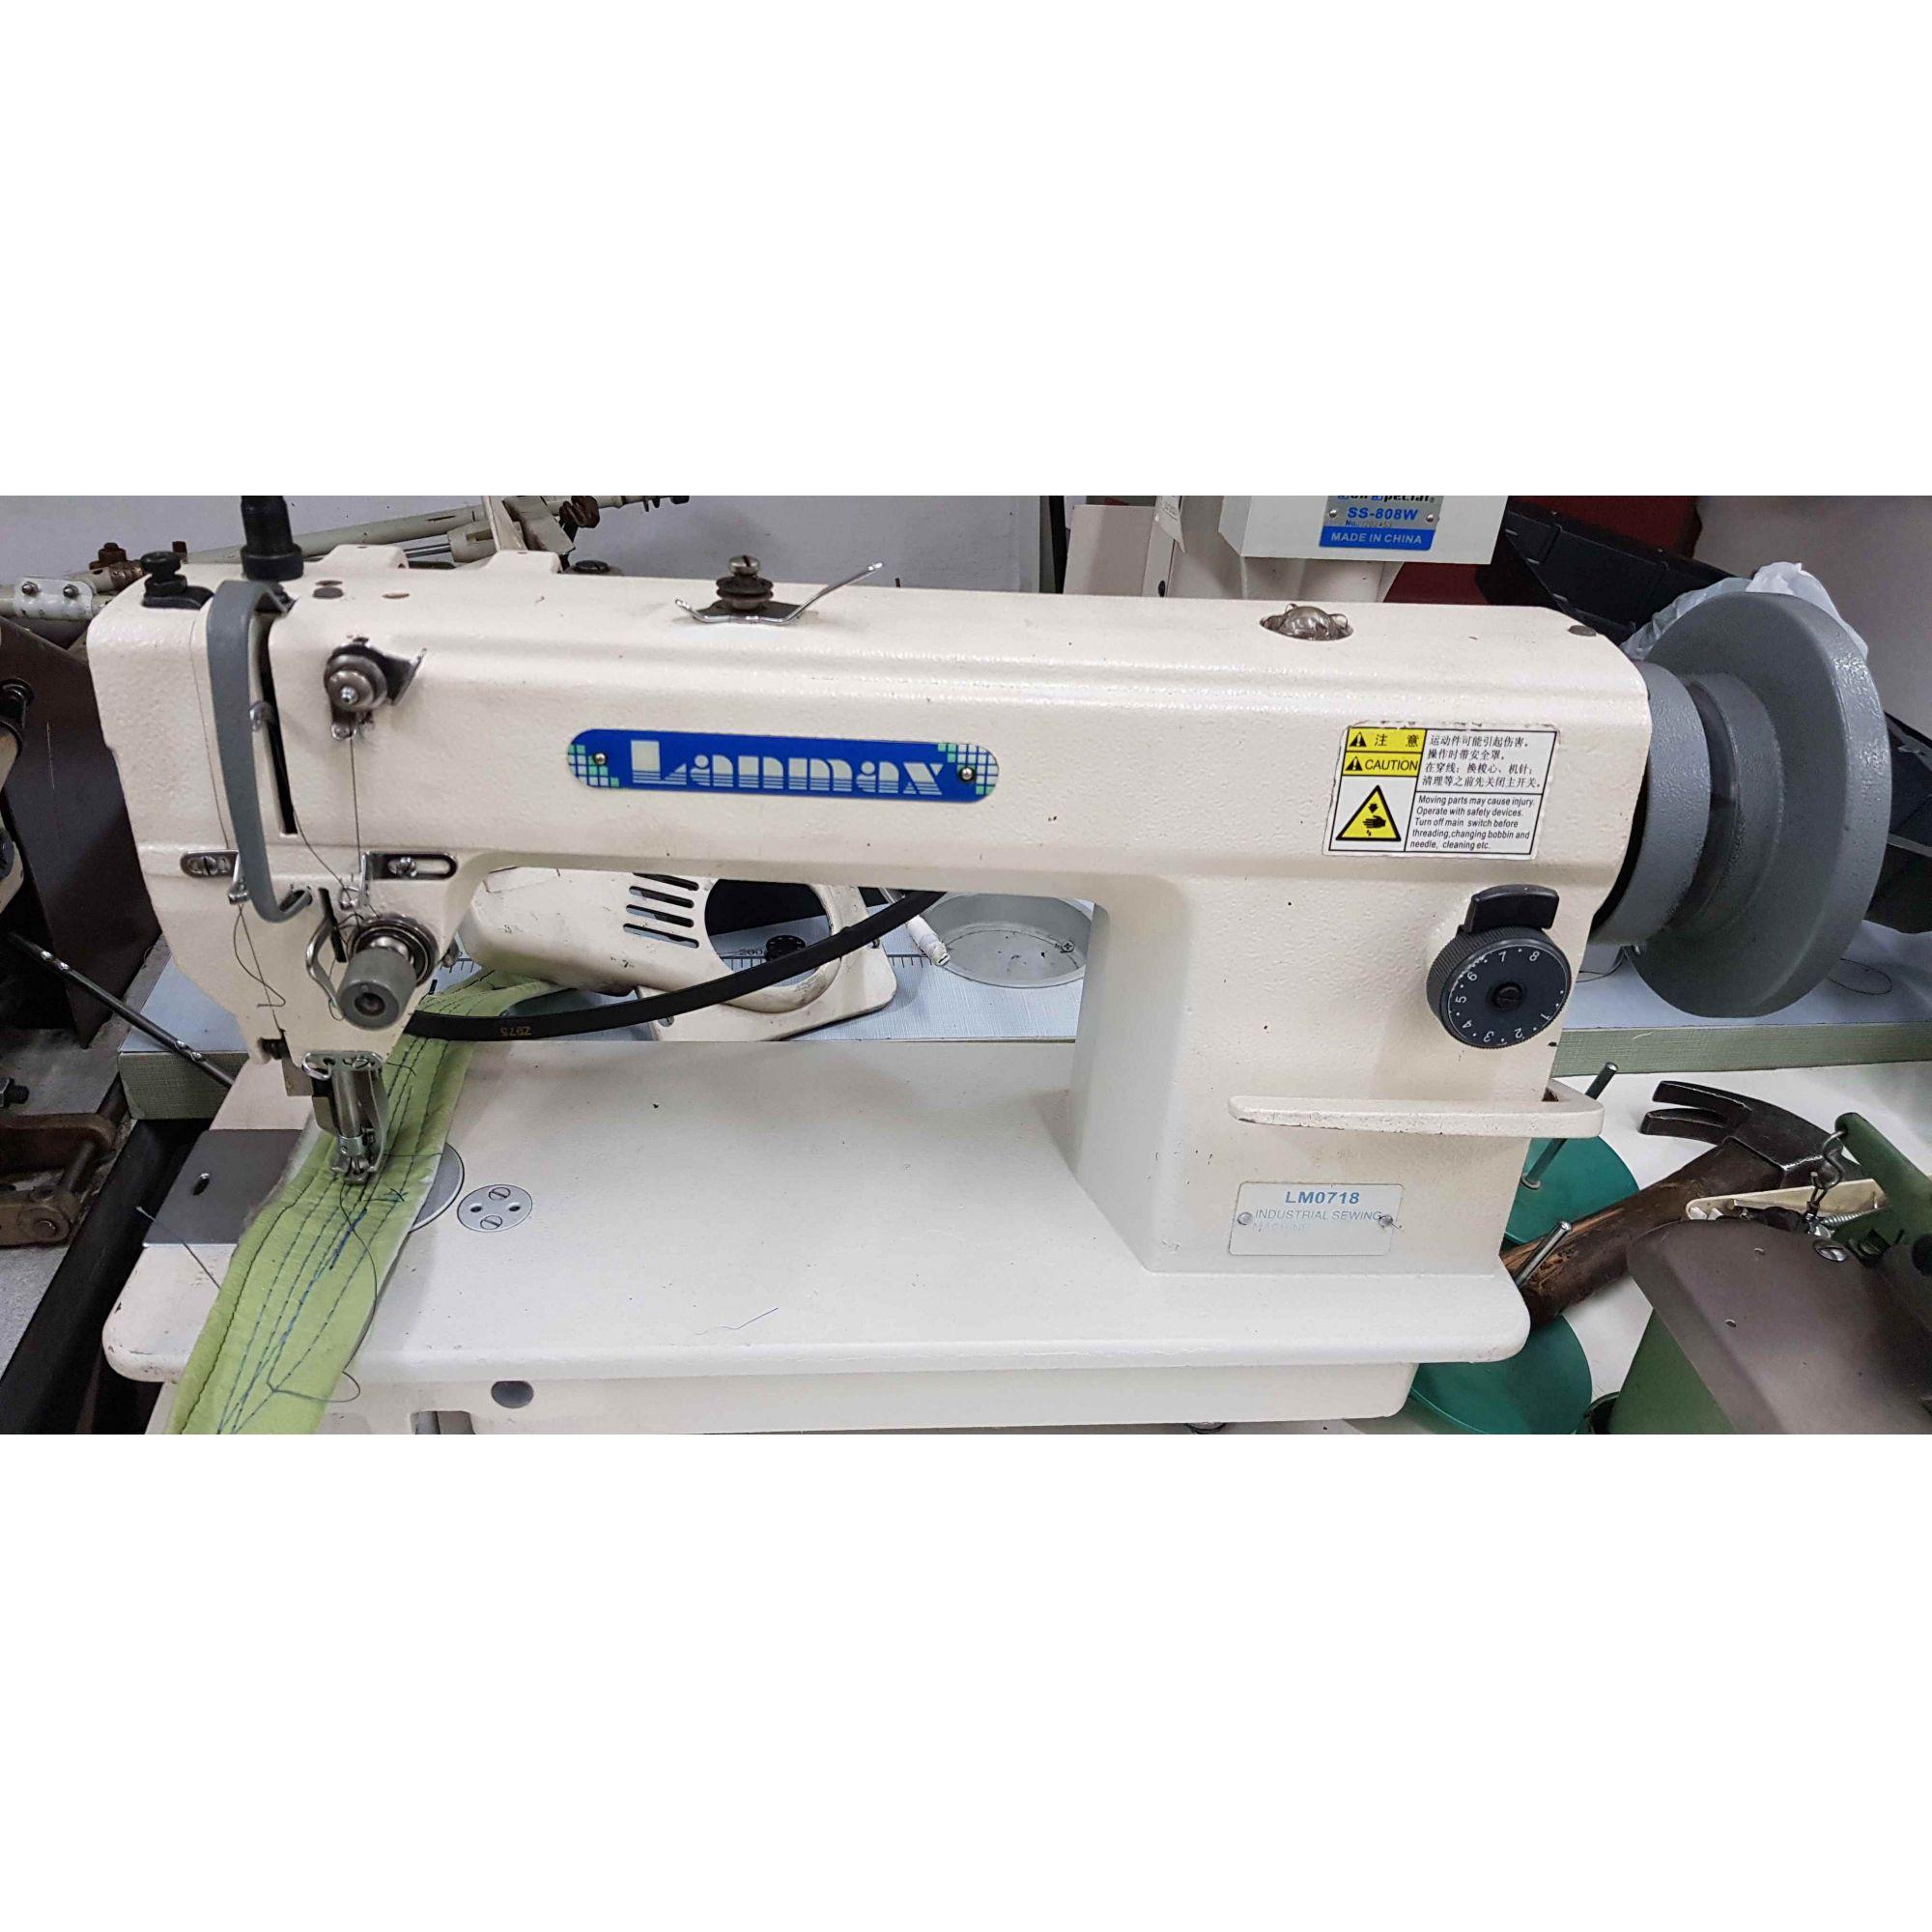 Lanmax Reta Transporte Triplo Usada Bh Máquinas De Costura